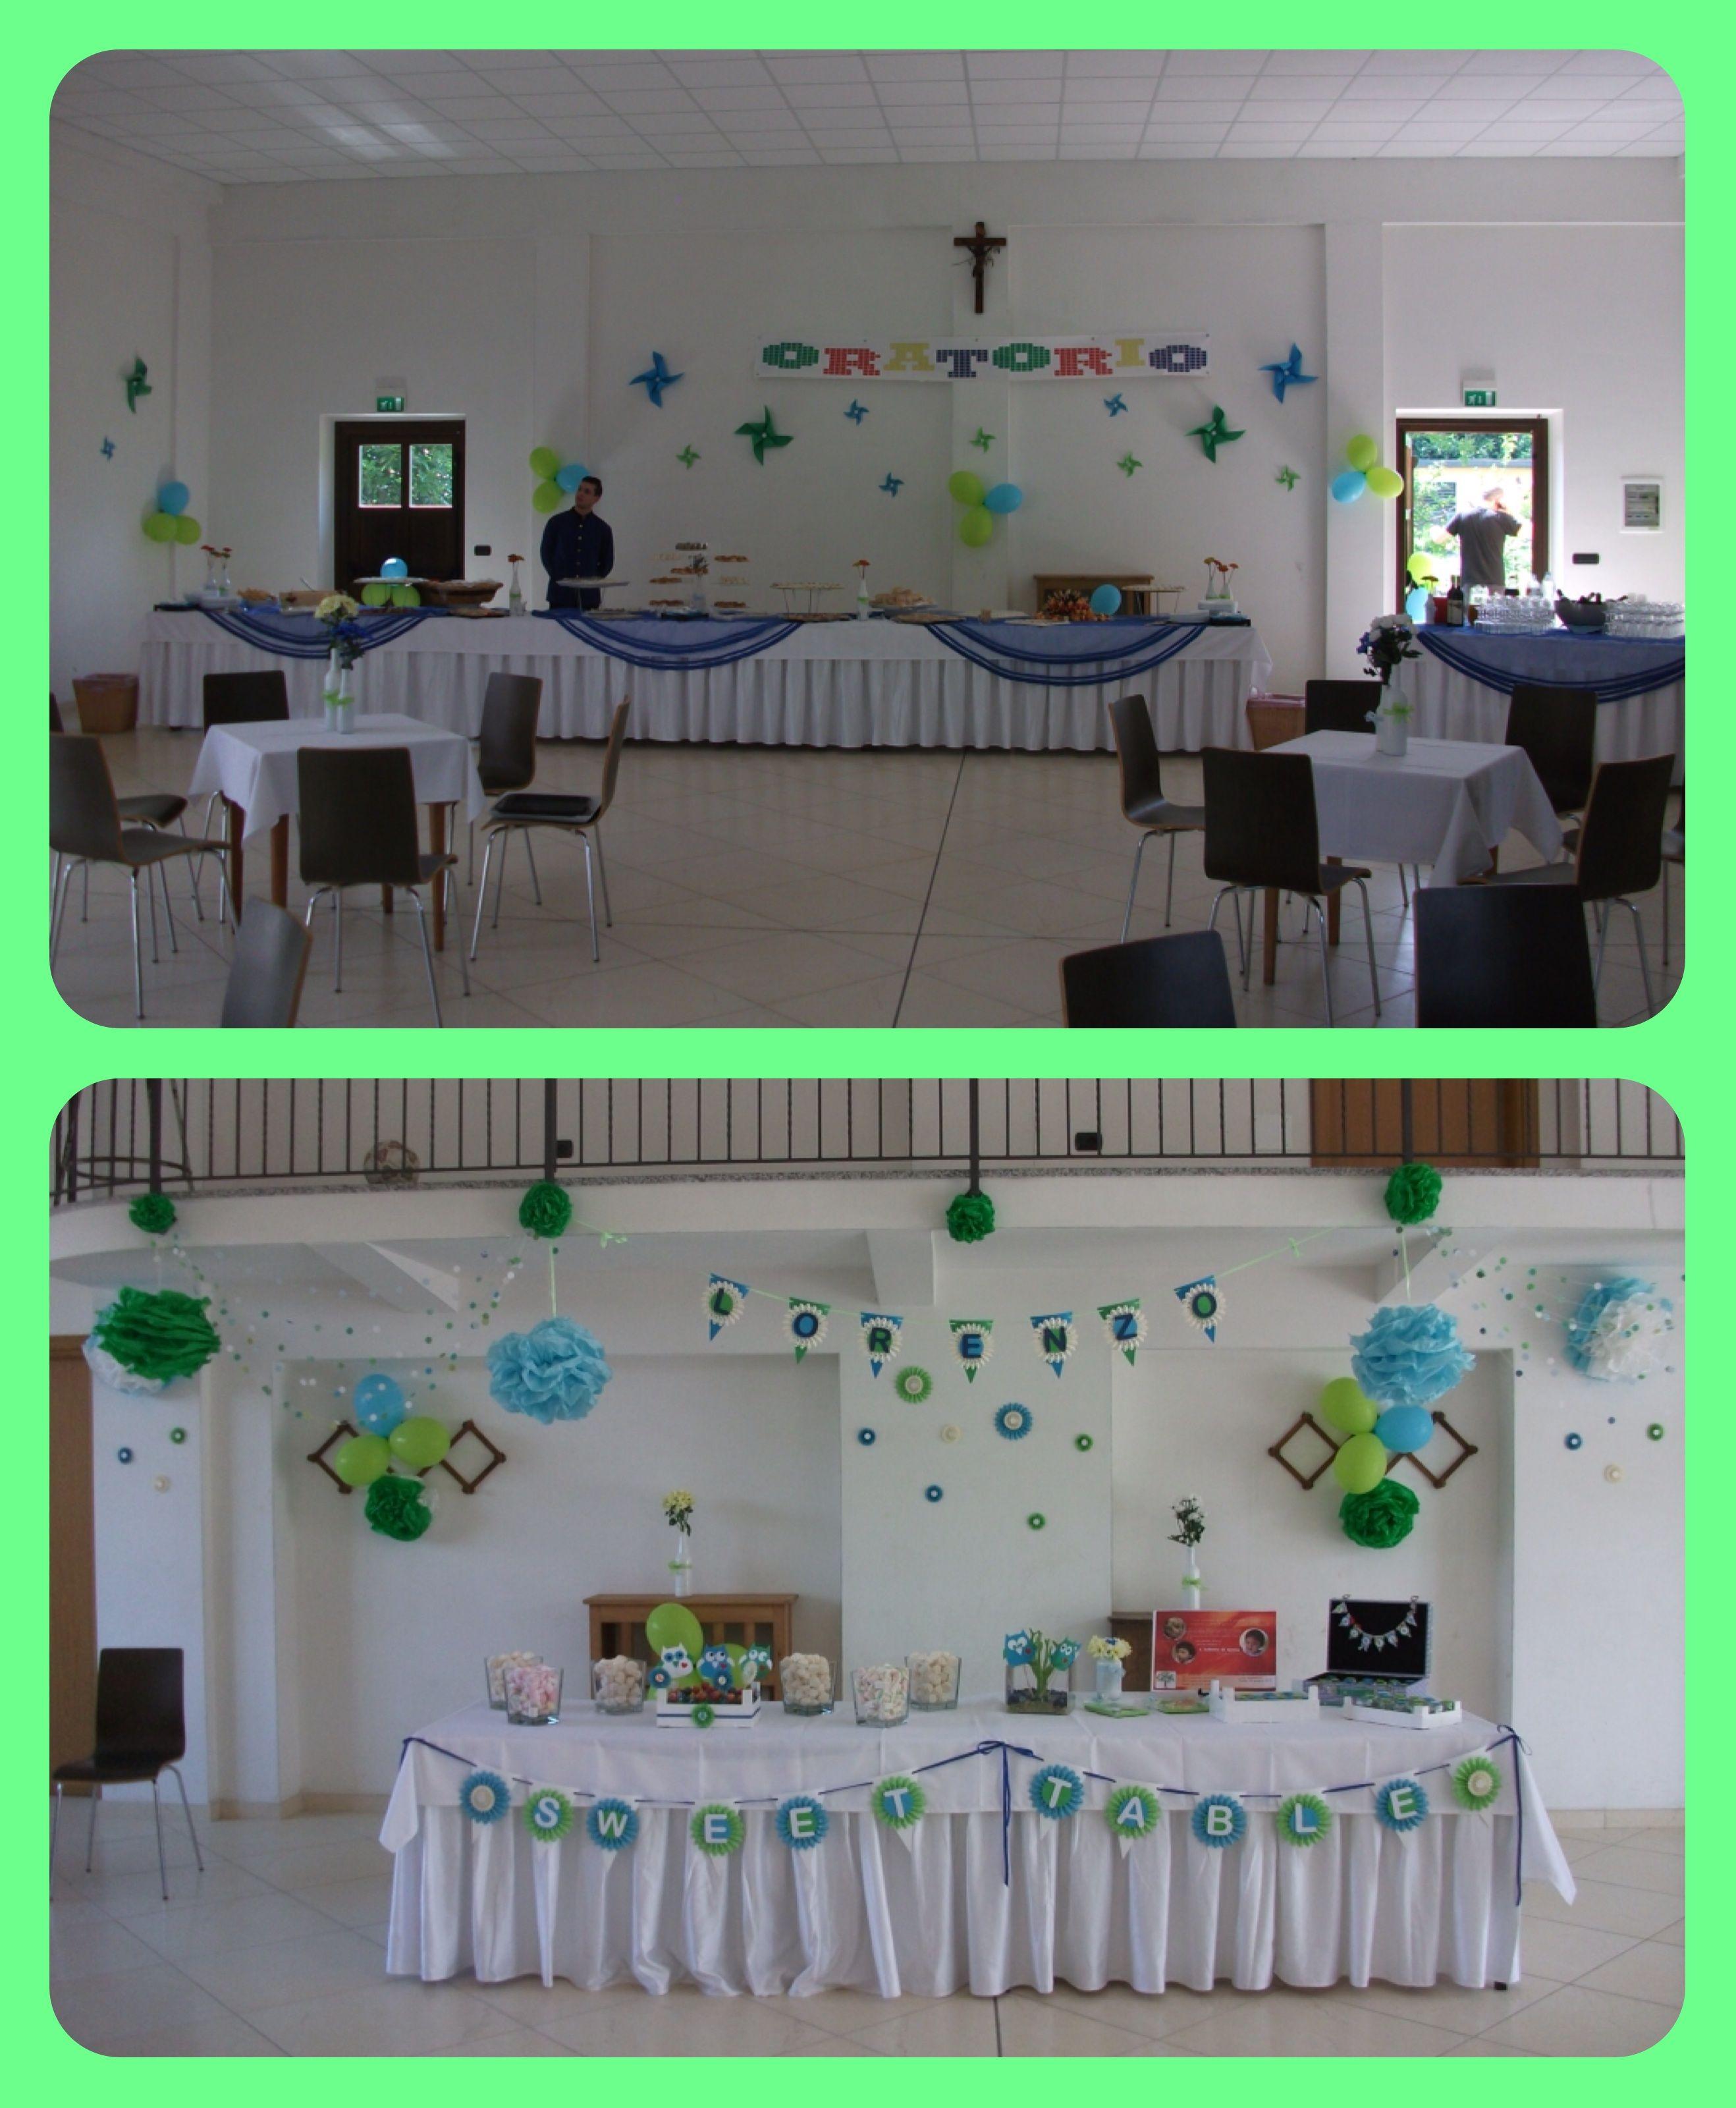 Addobbi per la sala dell 39 oratorio per il battesimo hand made with love how to make - Idee addobbi battesimo ...